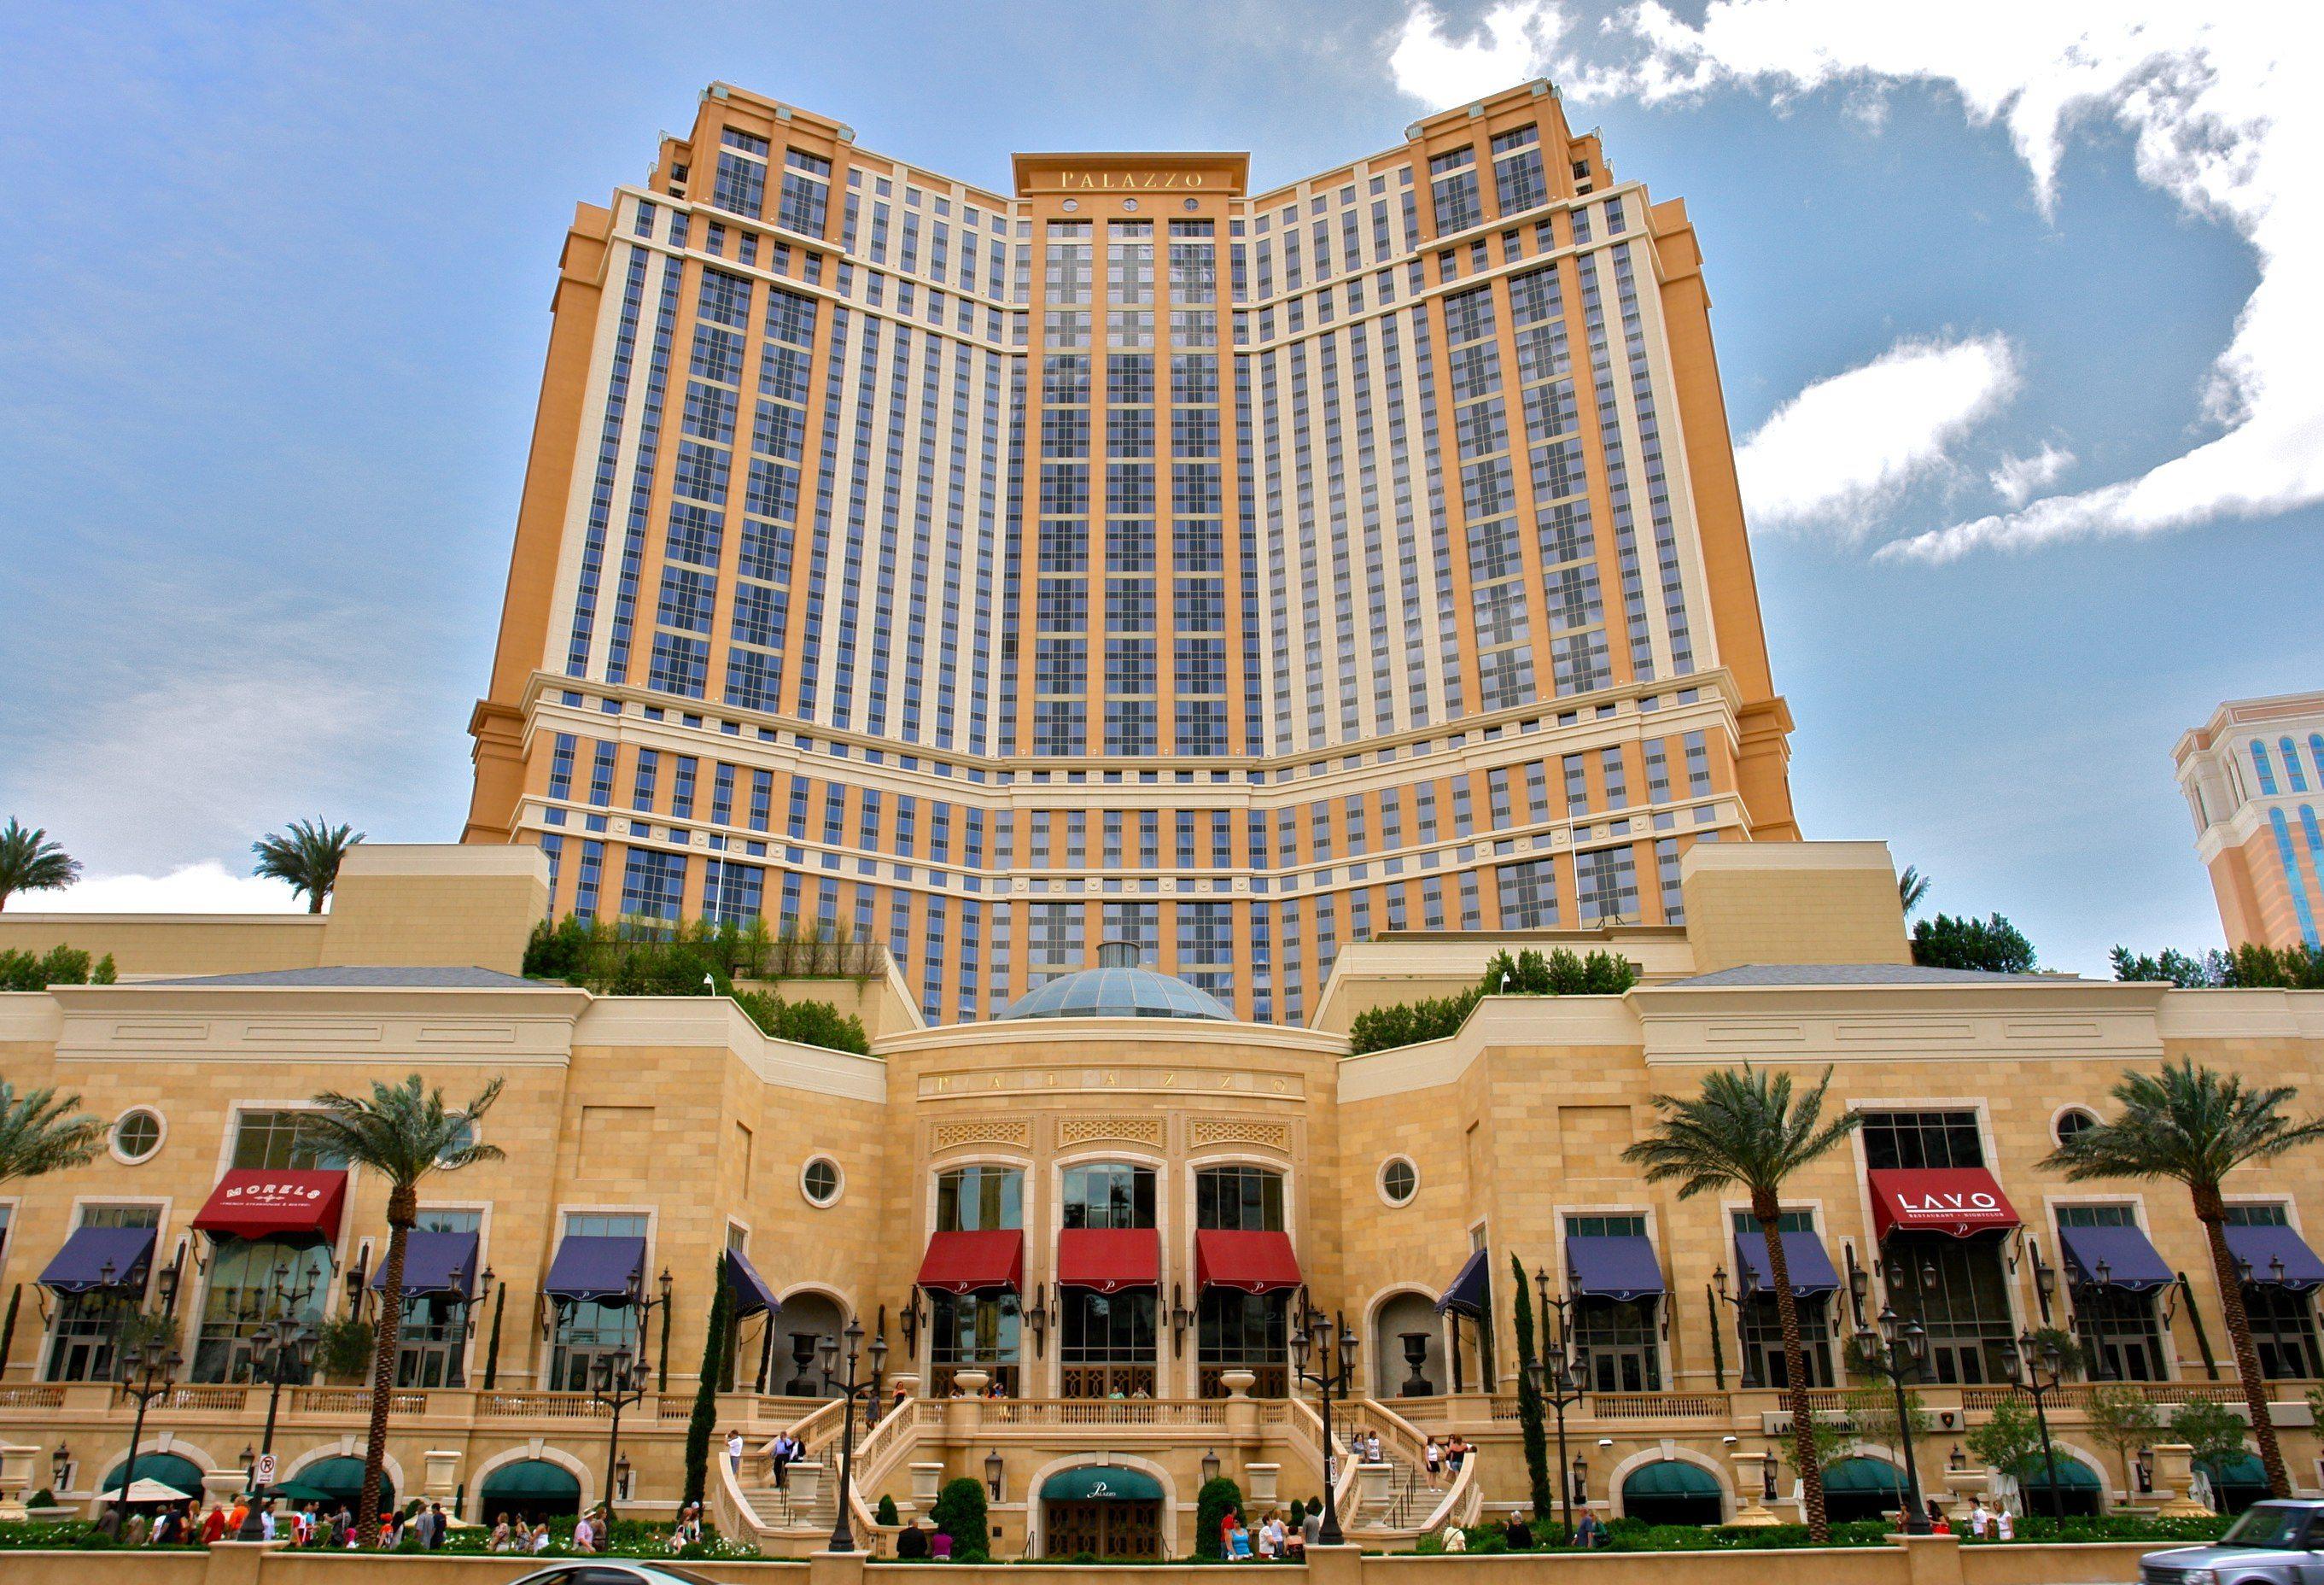 Palazzo Casino, Las Vegas